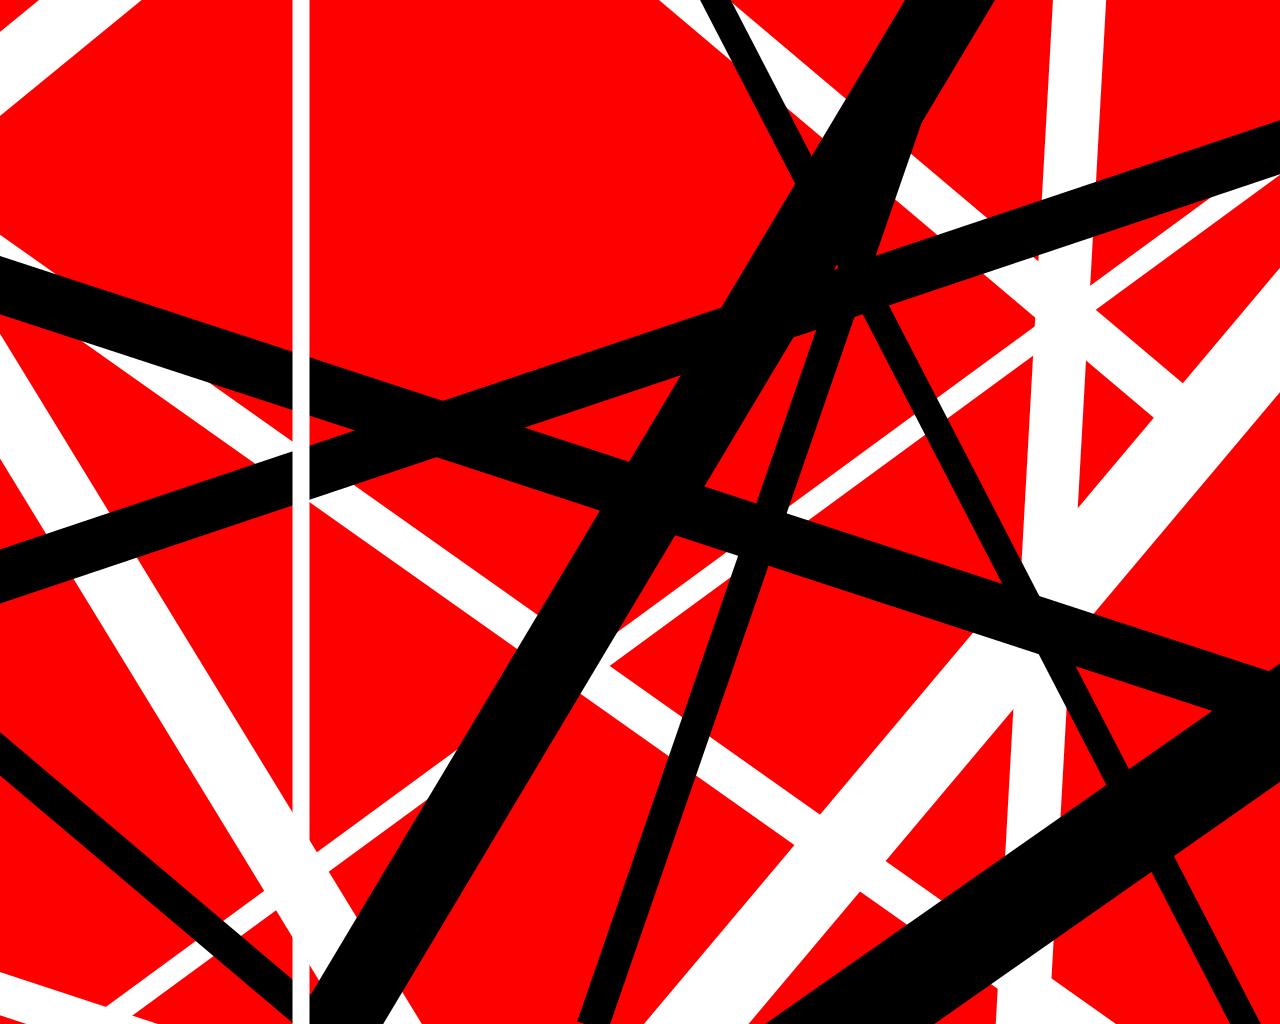 Van Halen Wallpaper and Background | 1600x1200 | ID:296739